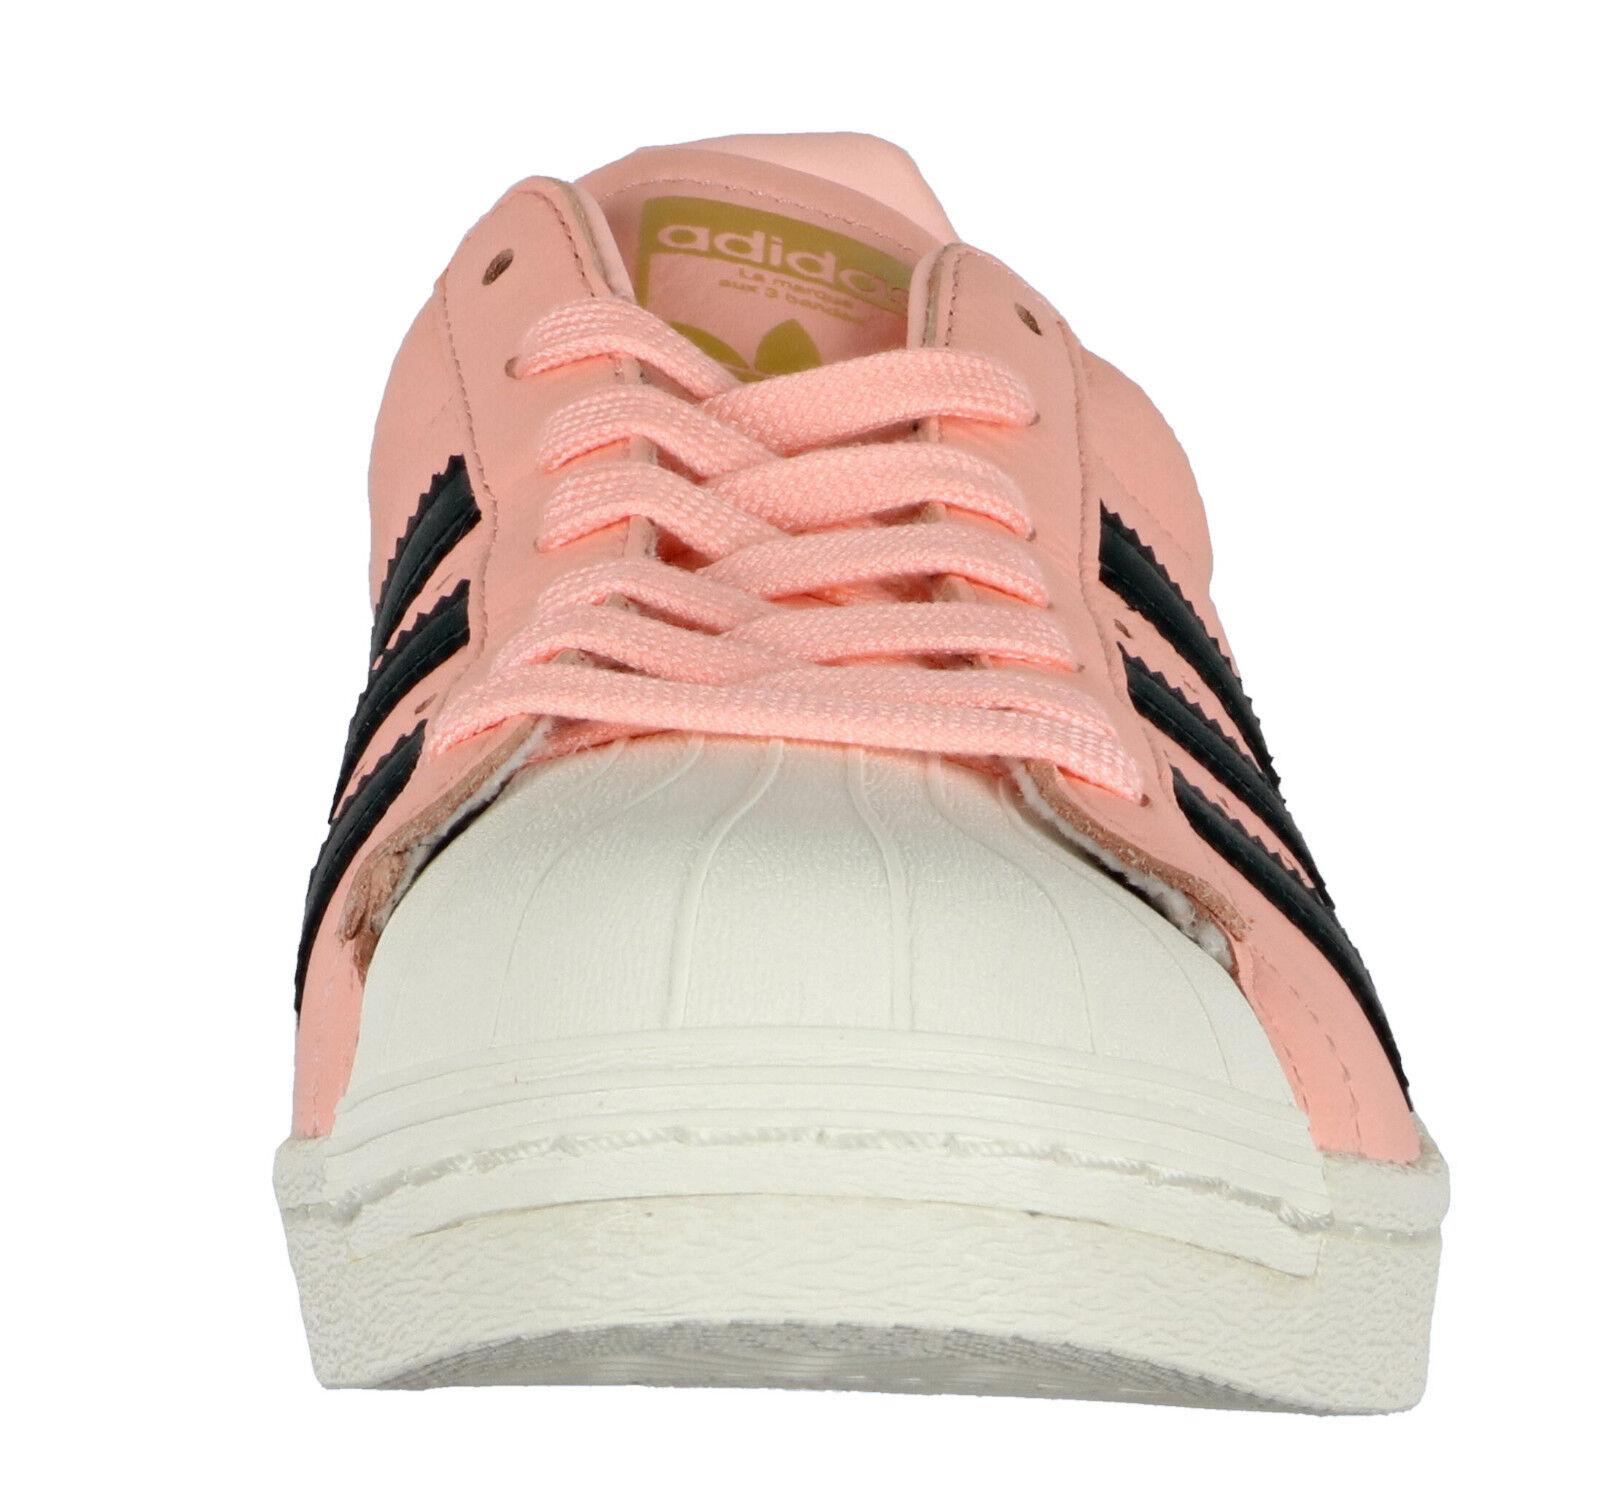 Adidas Superstar Verstärkung Sz 12.5 Weiß Korallenrot Hazel Pink Schwarz Weiß 12.5 fea767